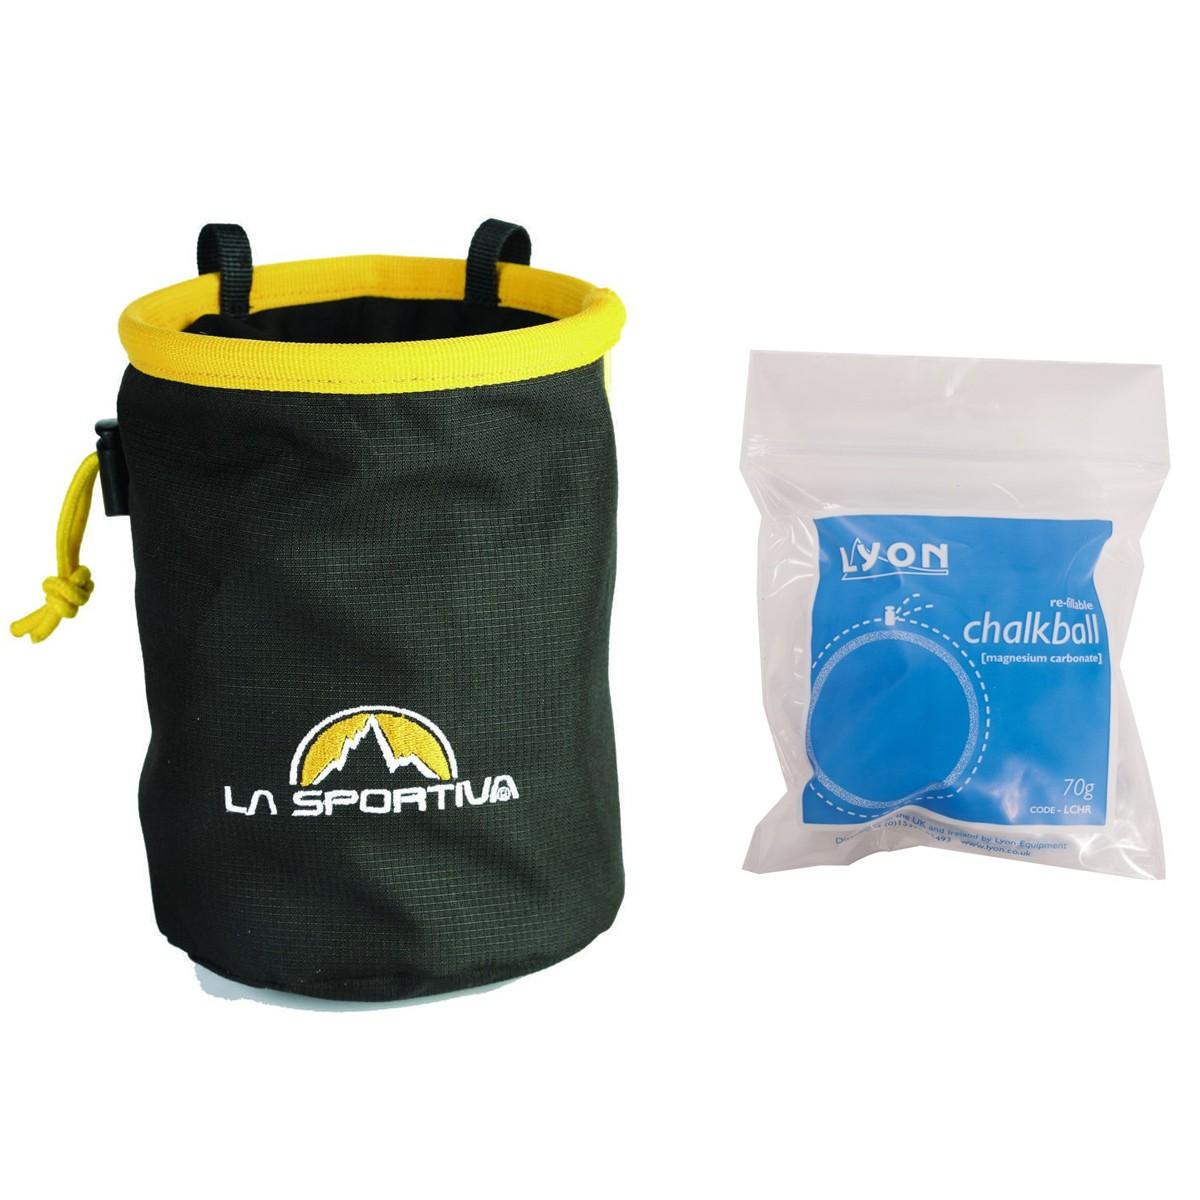 La Sportiva Chalk Bag & Lyon Refillable Chalk Ball